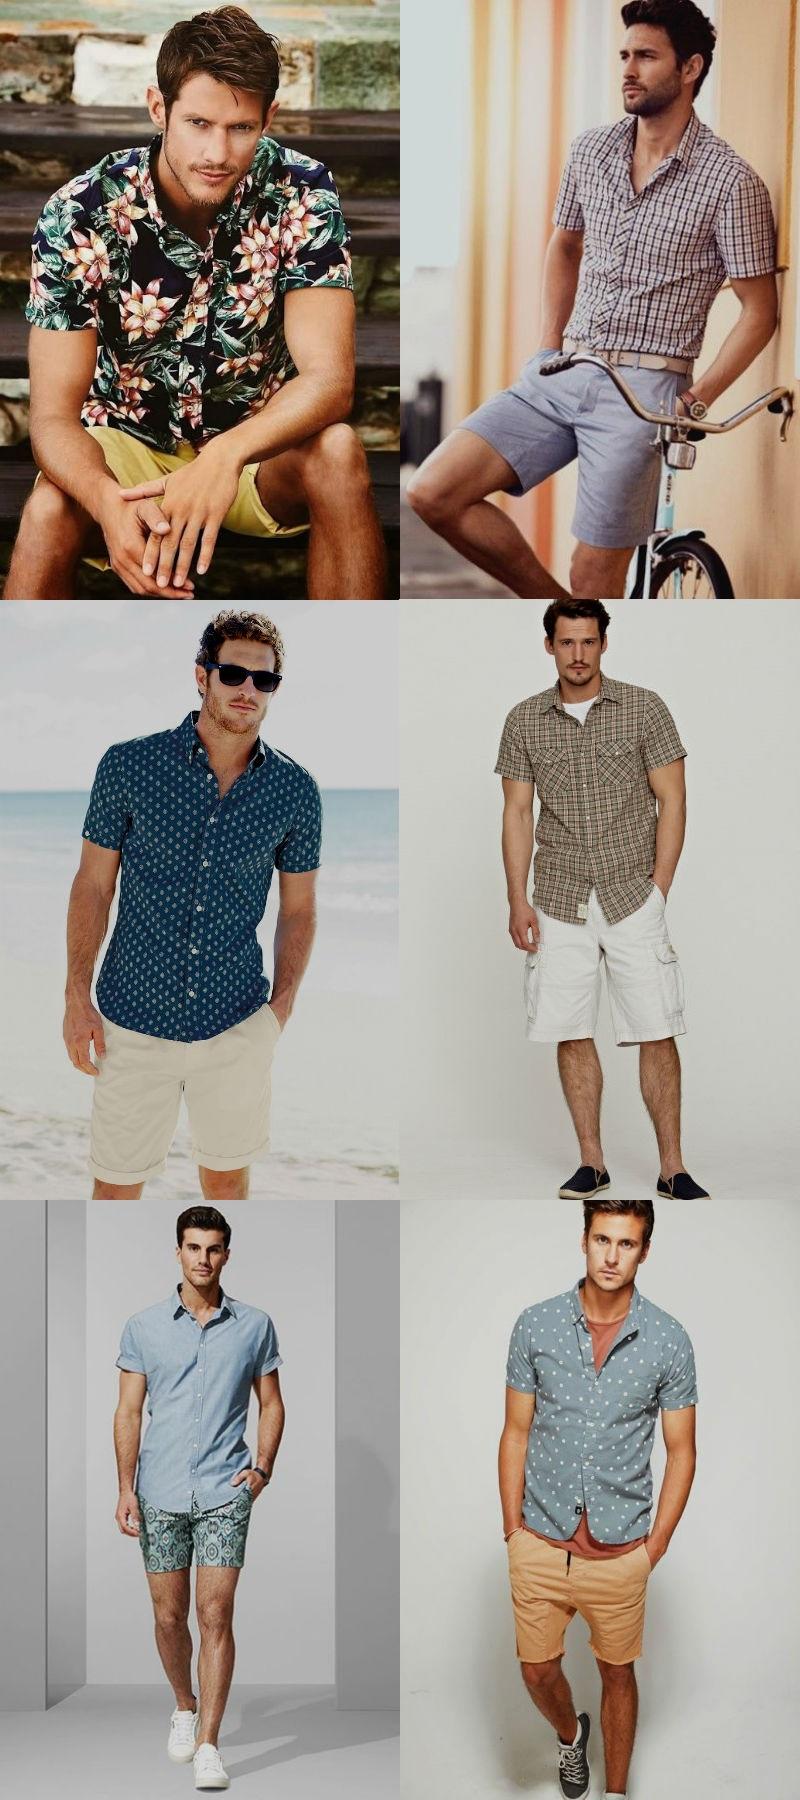 5e4d8d7b9 Homem No Espelho - Moda casual- bermudas camisa manga longa4 - Homem ...